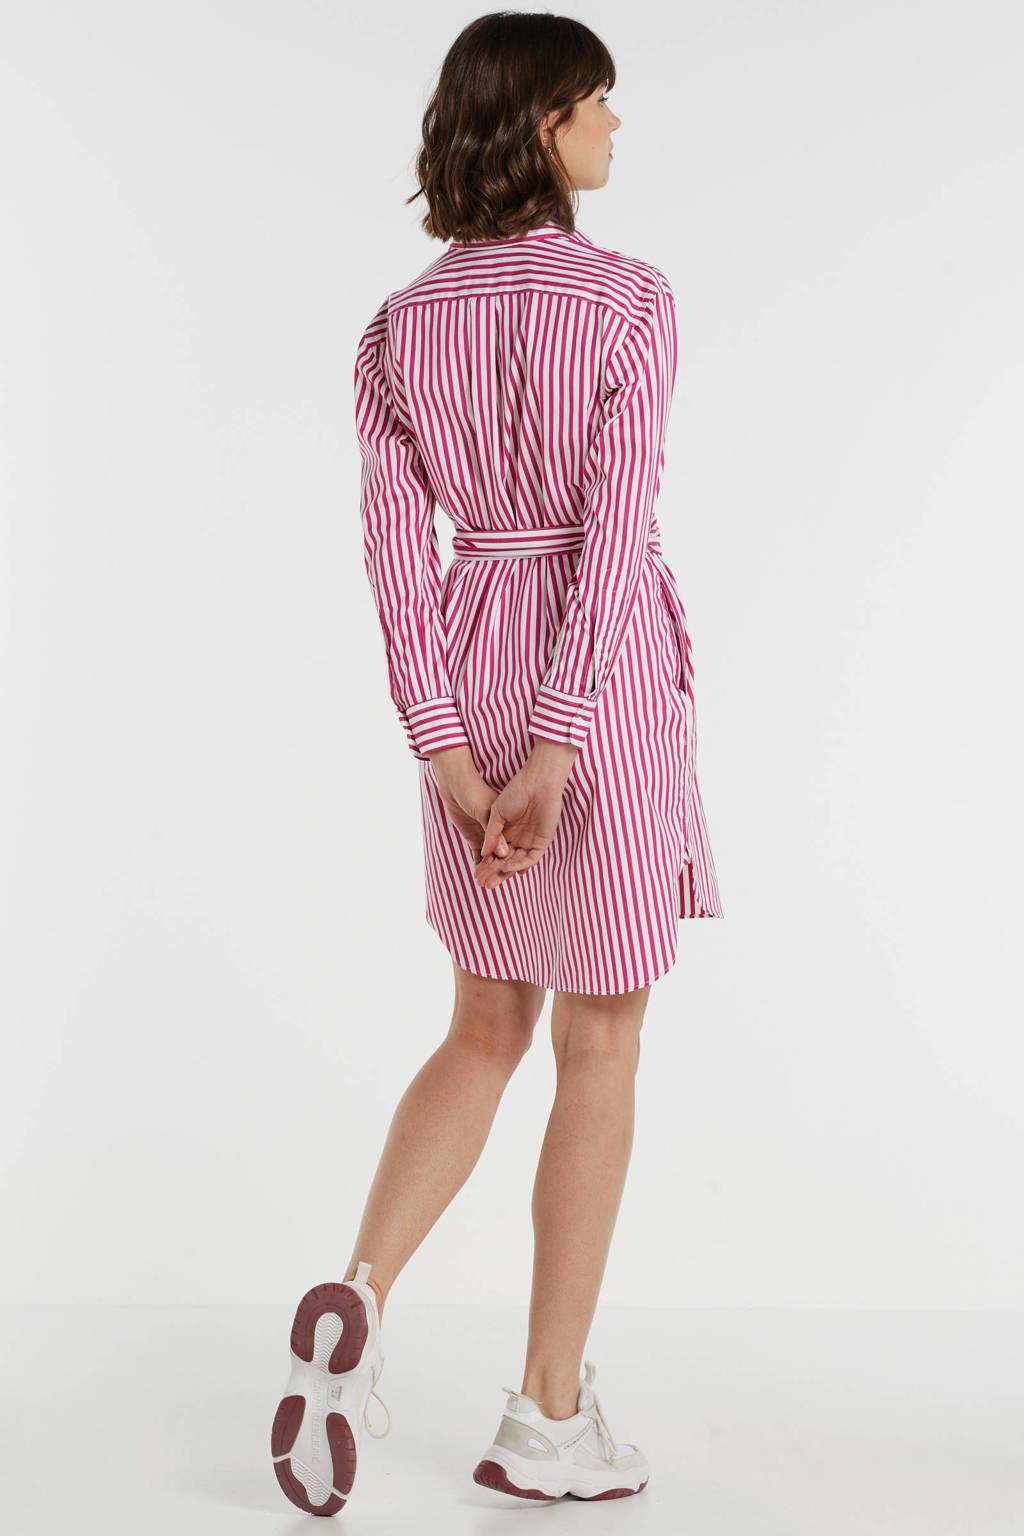 POLO Ralph Lauren gestreepte blousejurk roze/wit, Roze/wit